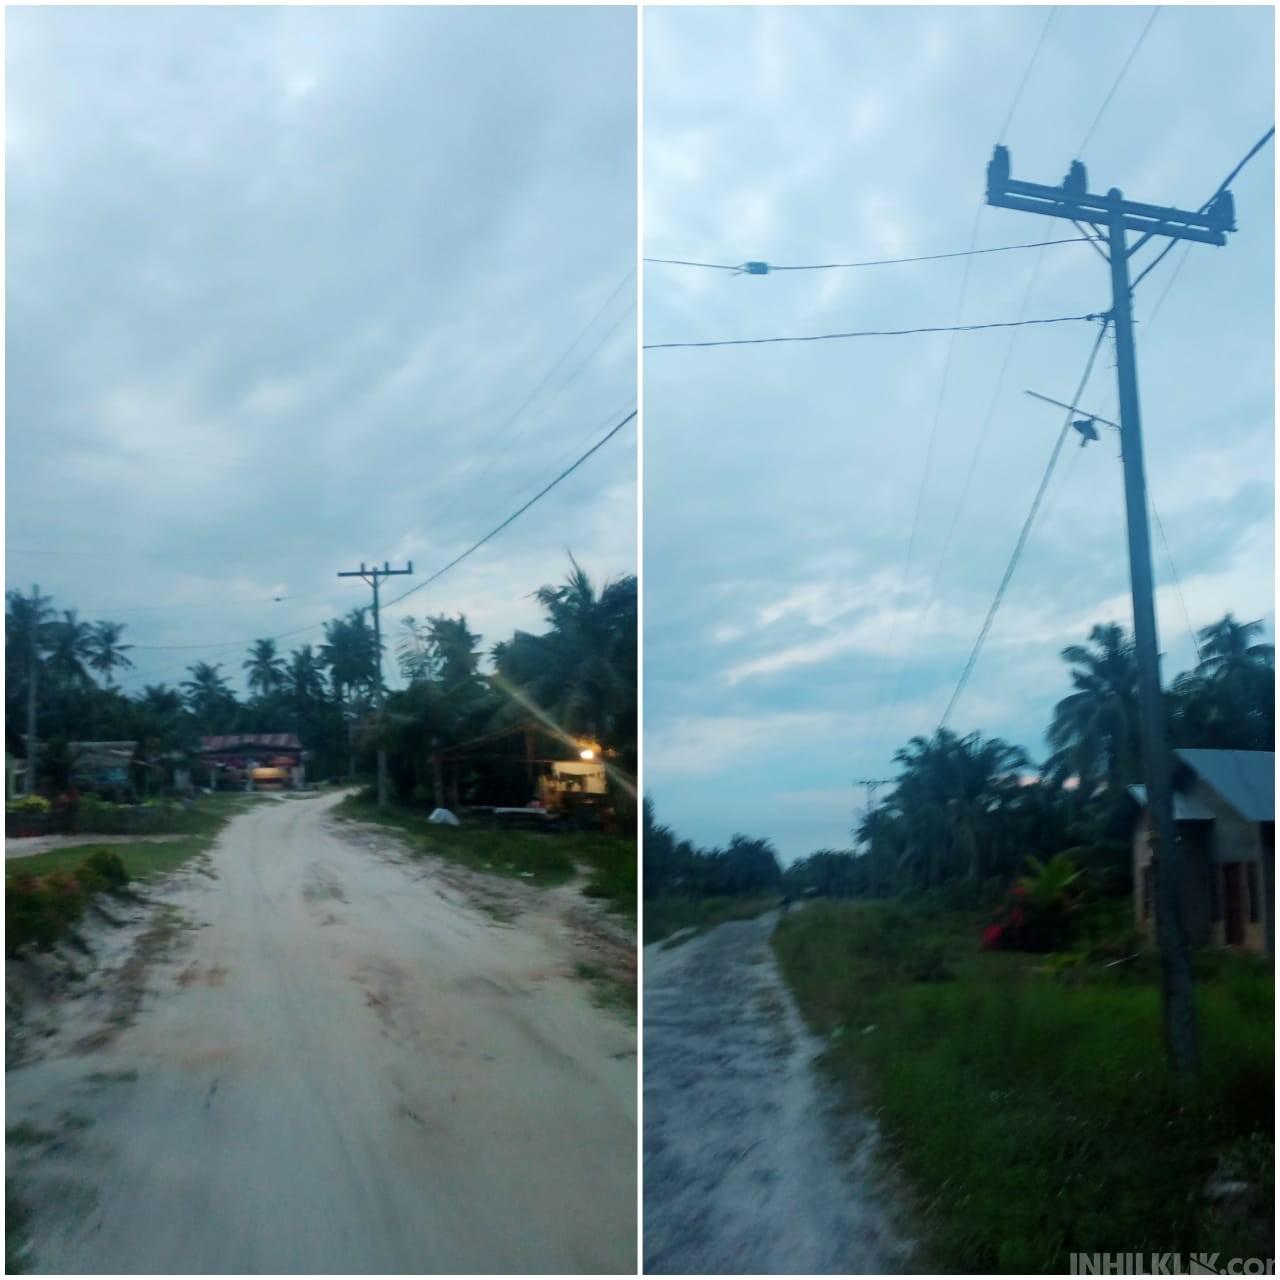 Jalan Dusun VII Bogak Besar - Dusun II Pematangkuala Gelap Gulita, Masyarakat Sebut Rawan Aksi Kejahatan dan Laka